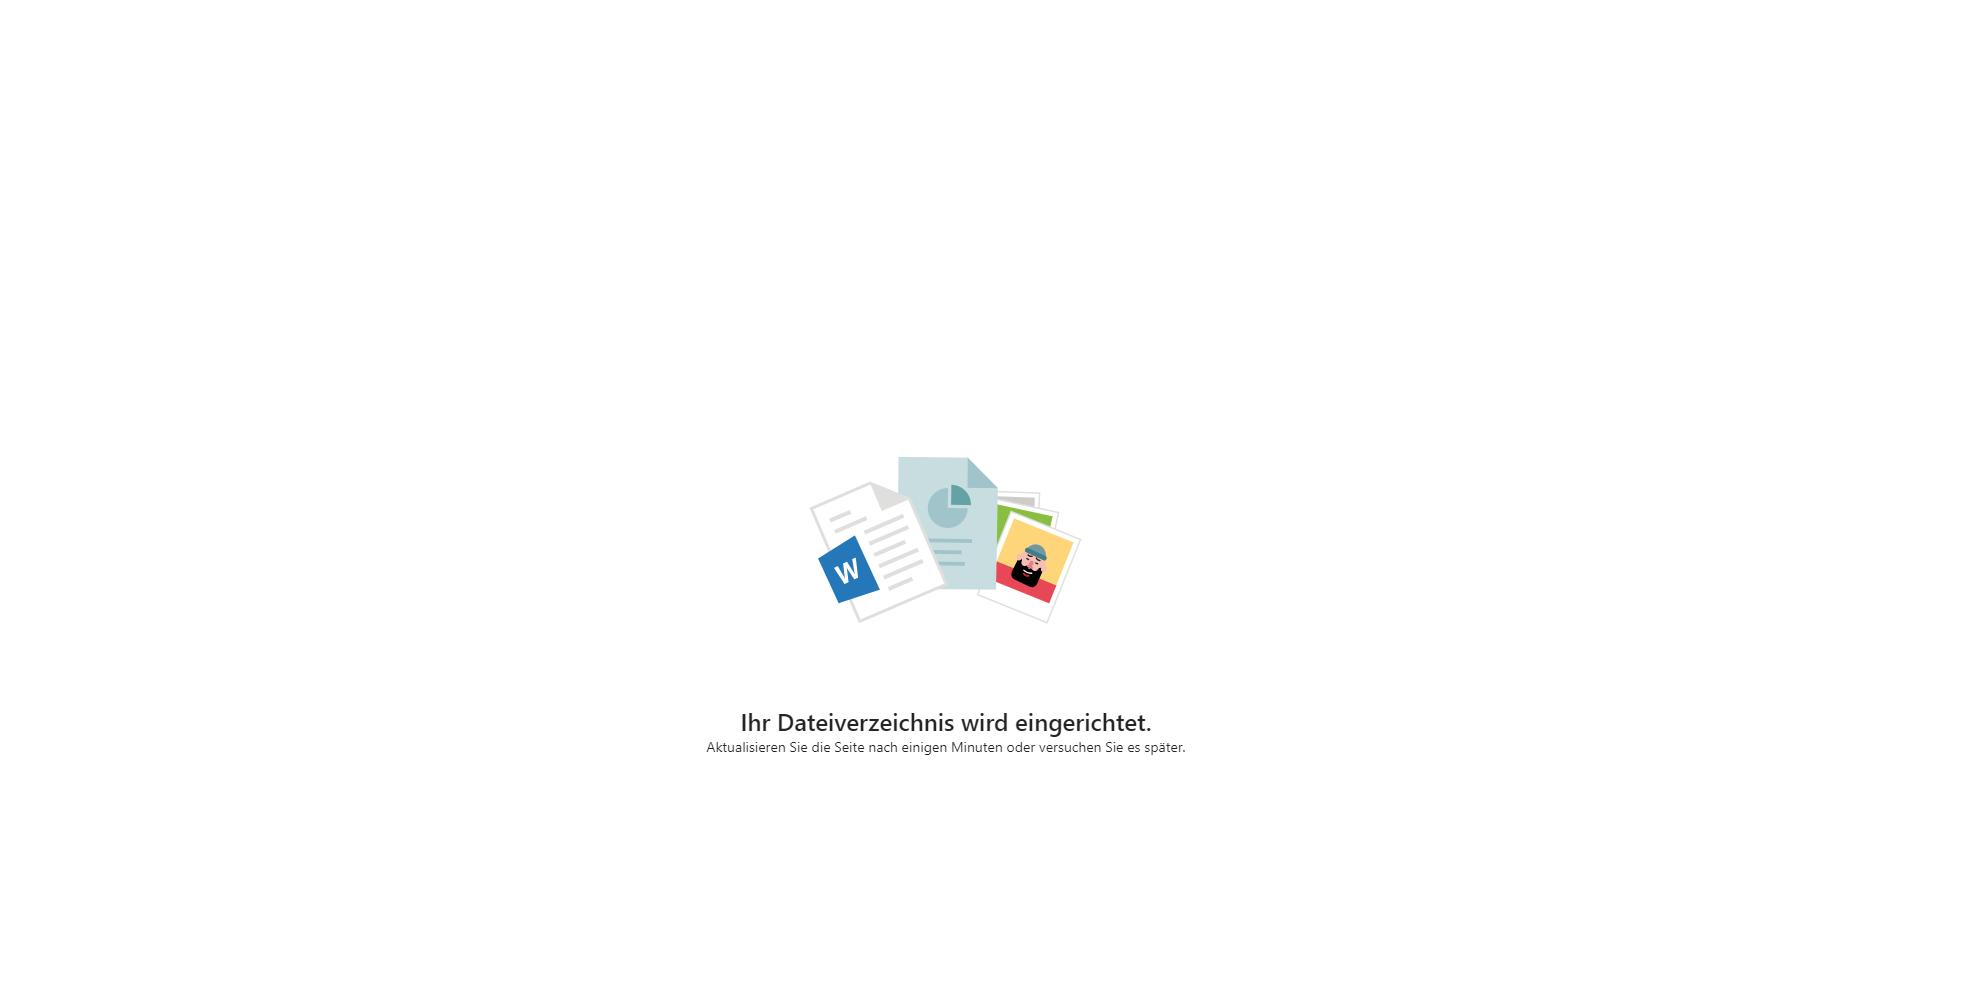 Ihr Dateiverzeichnis wird eingerichtet - Fehlermeldung seit über einem Tag b35e1a33-a97d-4934-a28f-e11e0fc92c75?upload=true.png